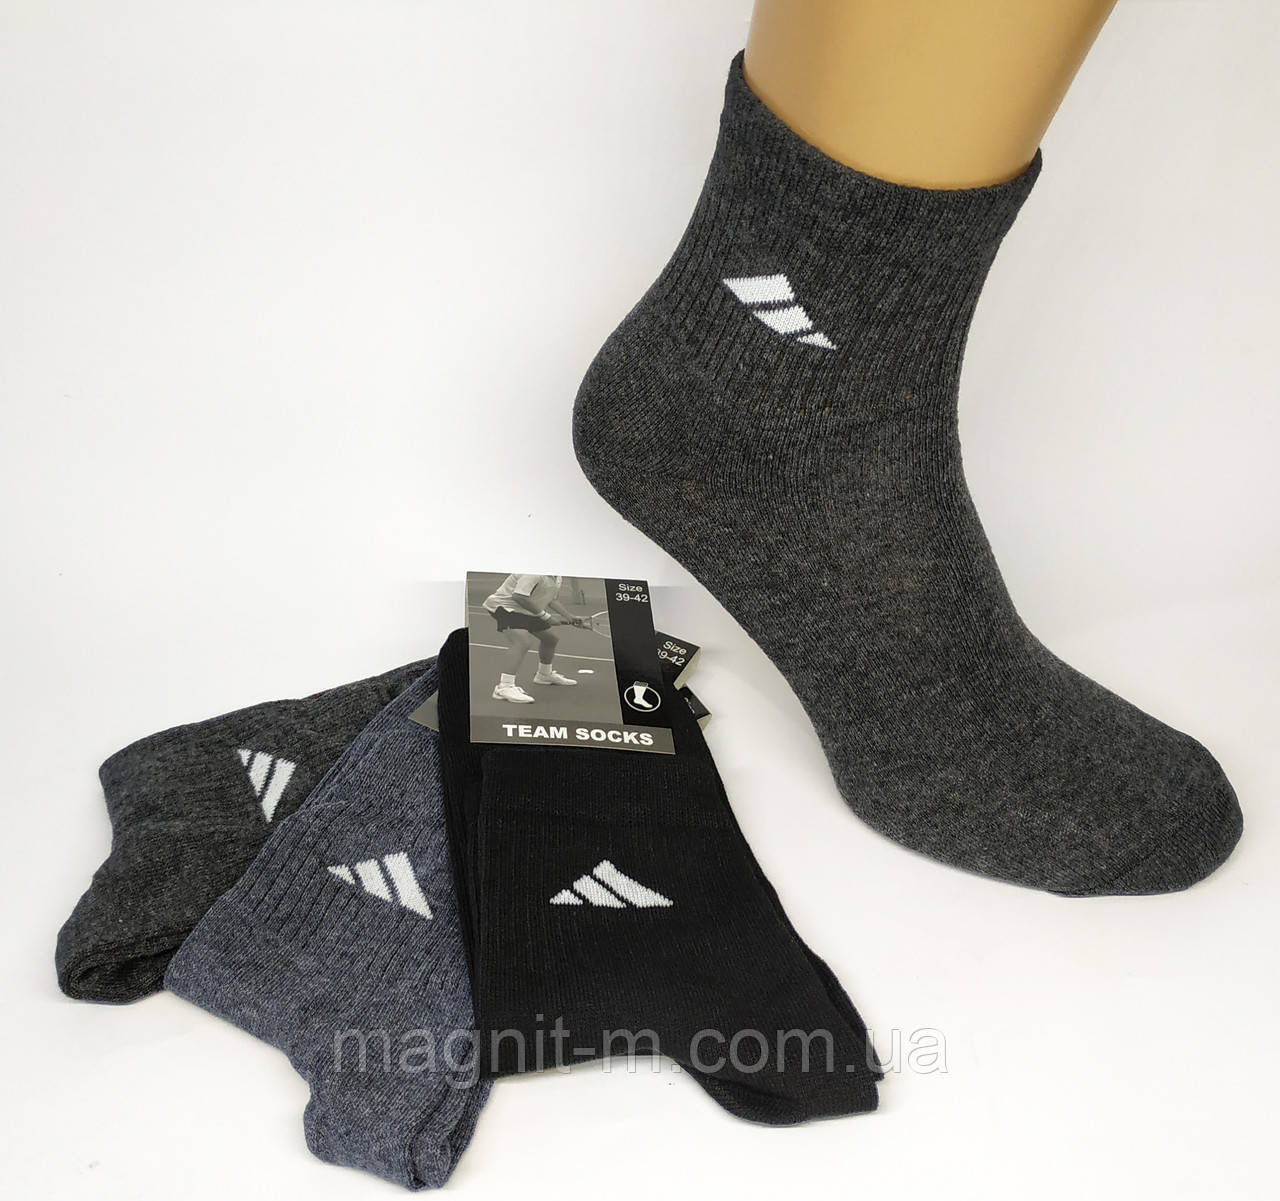 Мужские спортивные носки средней высоты. Размер 39-42. Темные цвета.